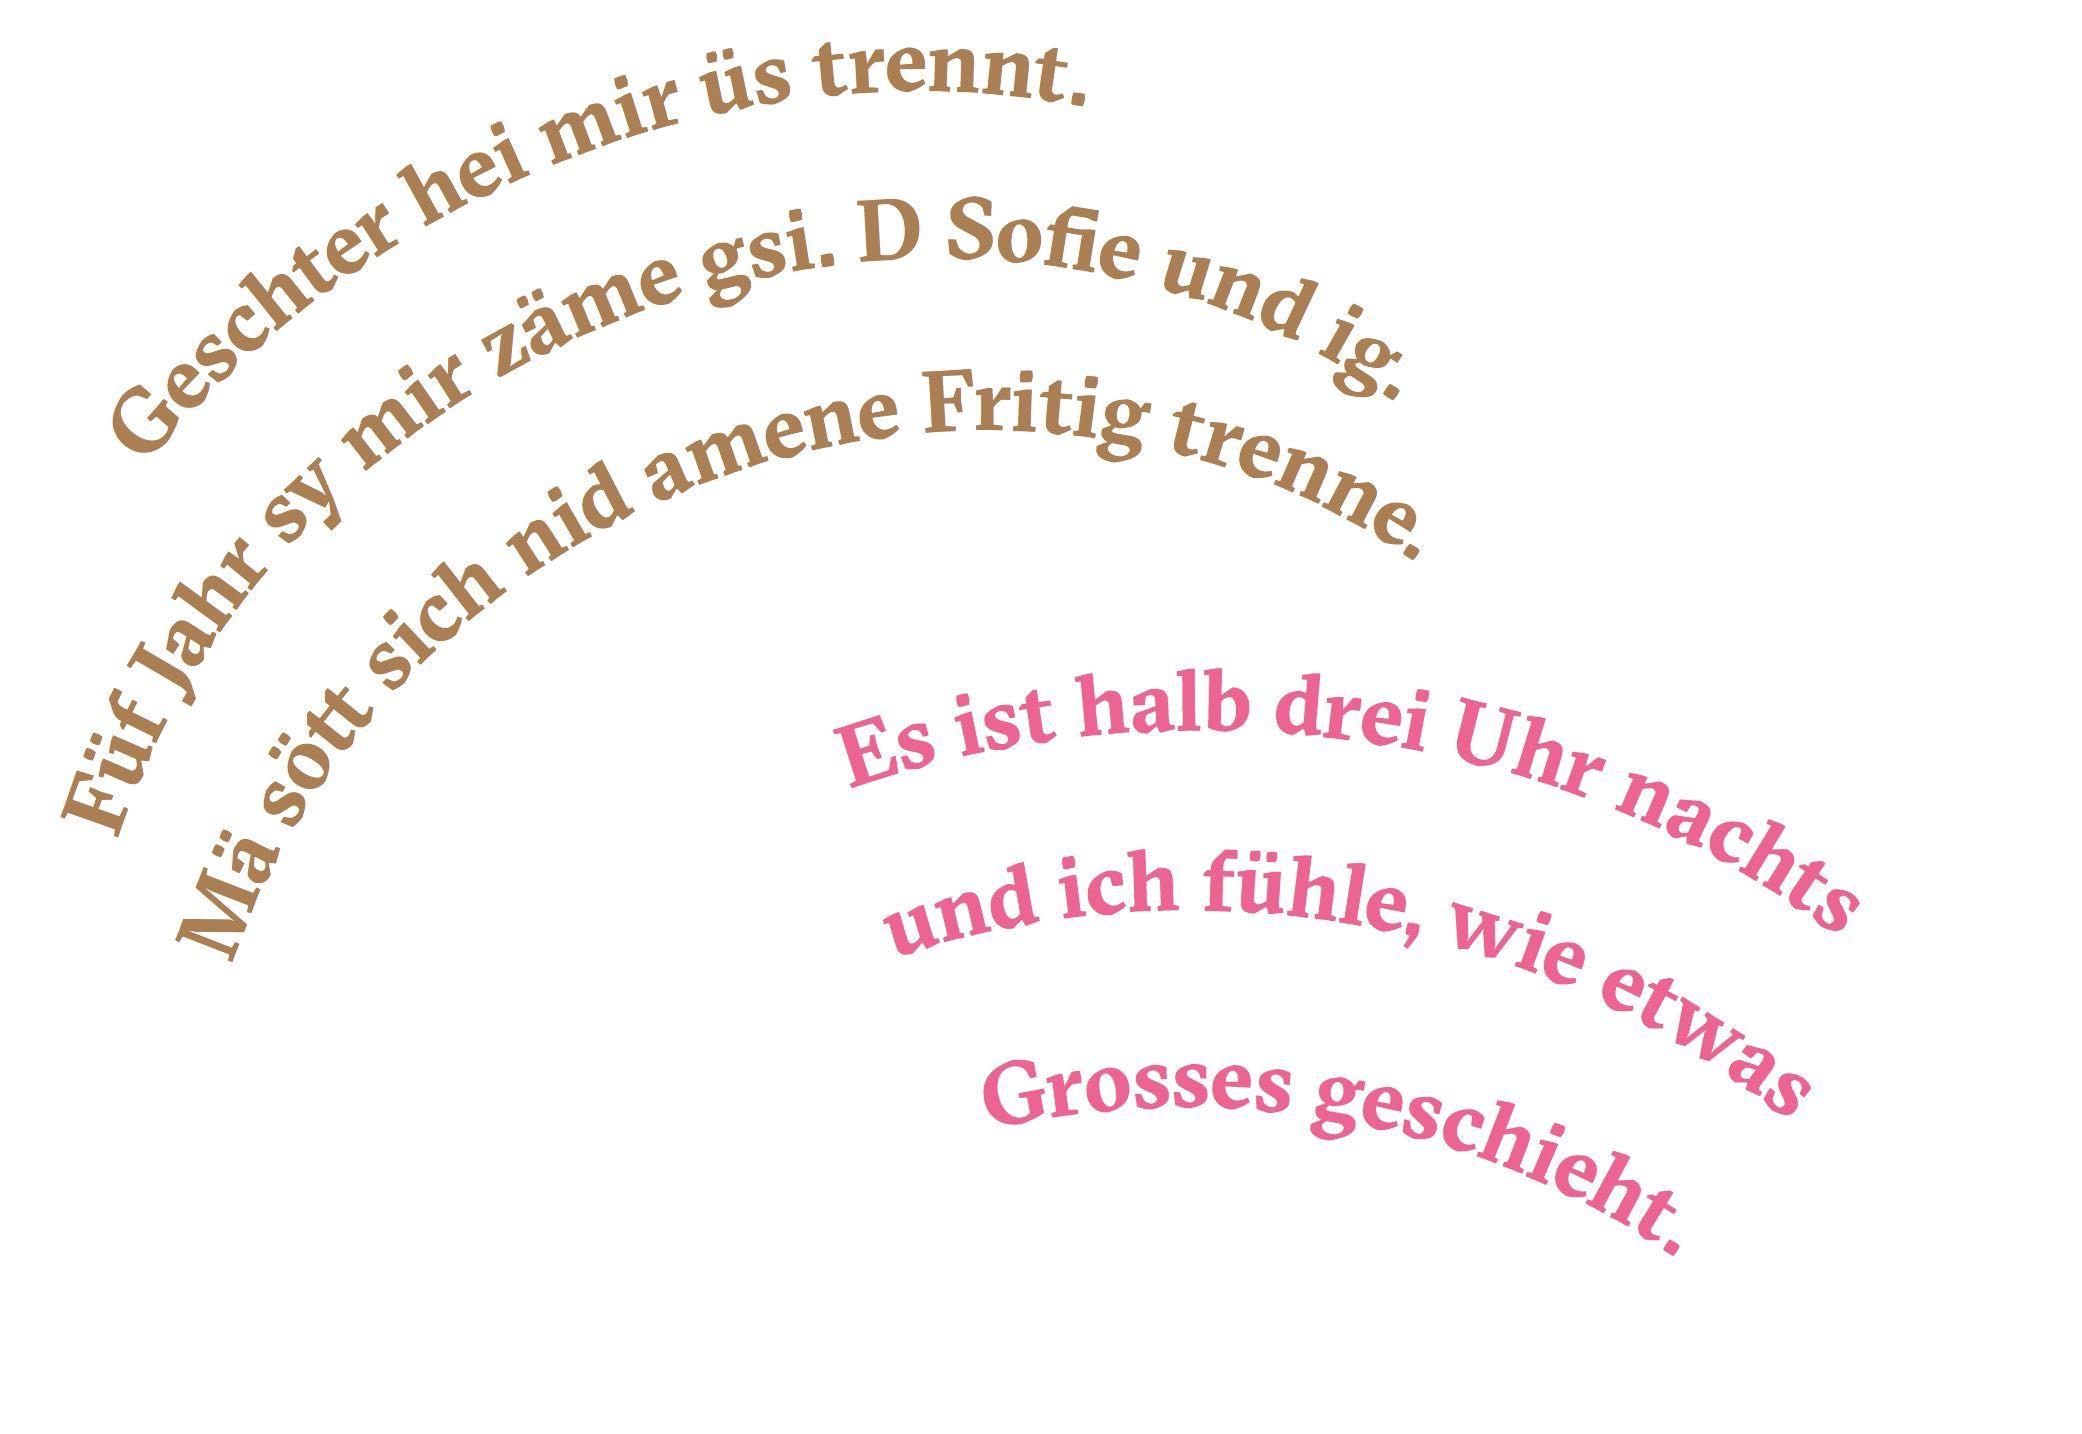 Schweizerisches Literaturinstitut, fESTIVAL Littéraire